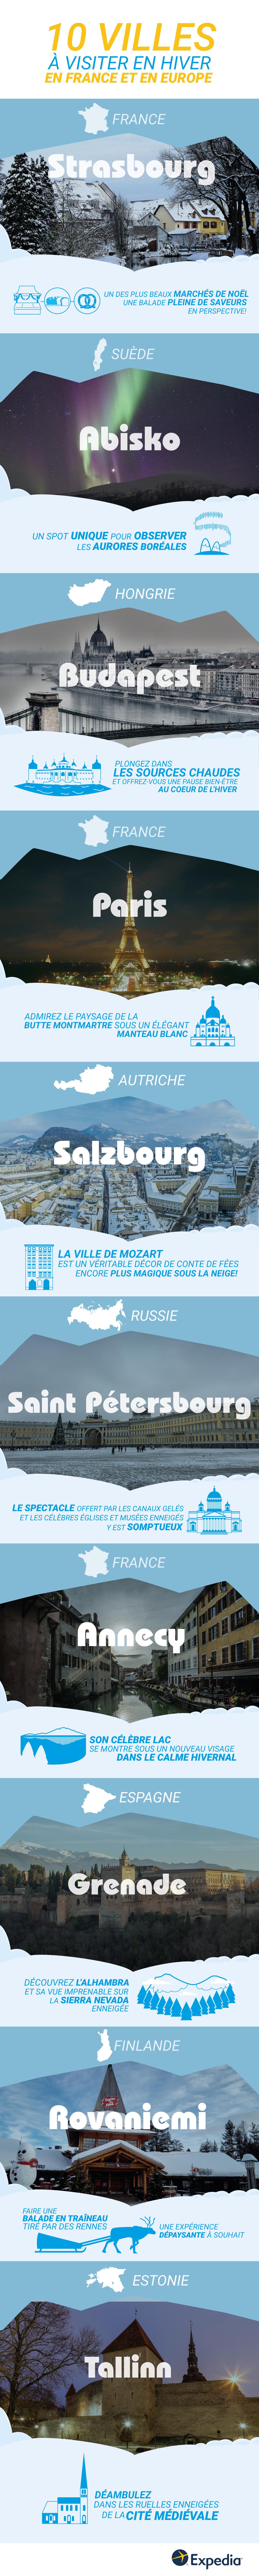 Infographie_Soyuz_Expedia_10_villes_%C3%A0_visiter_en_hiver.png?1549966602